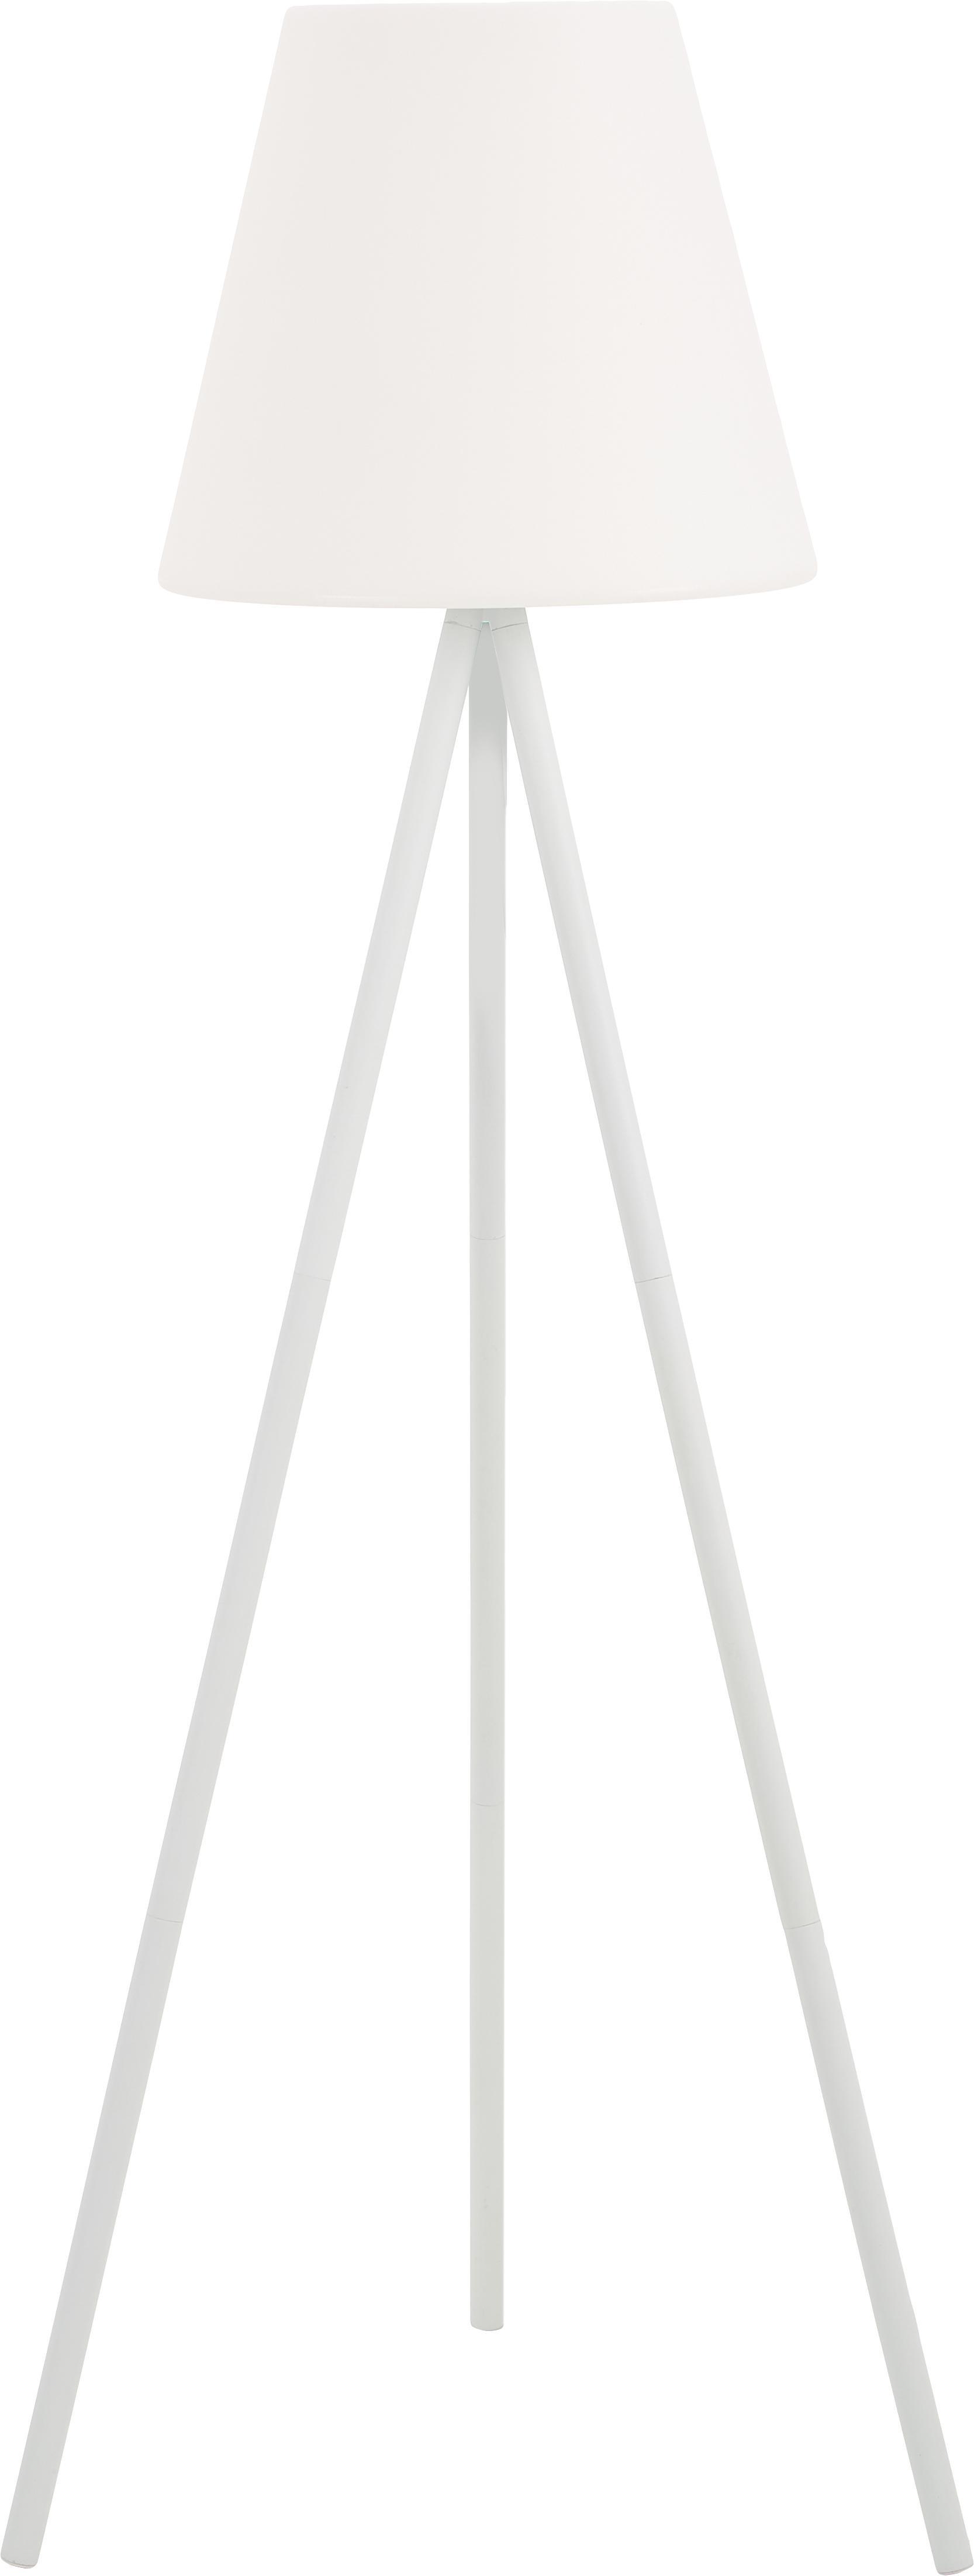 Lampada da terra da esterno Wells, Paralume: plastica, Base della lampada: alluminio anodizzato, Bianco, Ø 35 x Alt. 134 cm